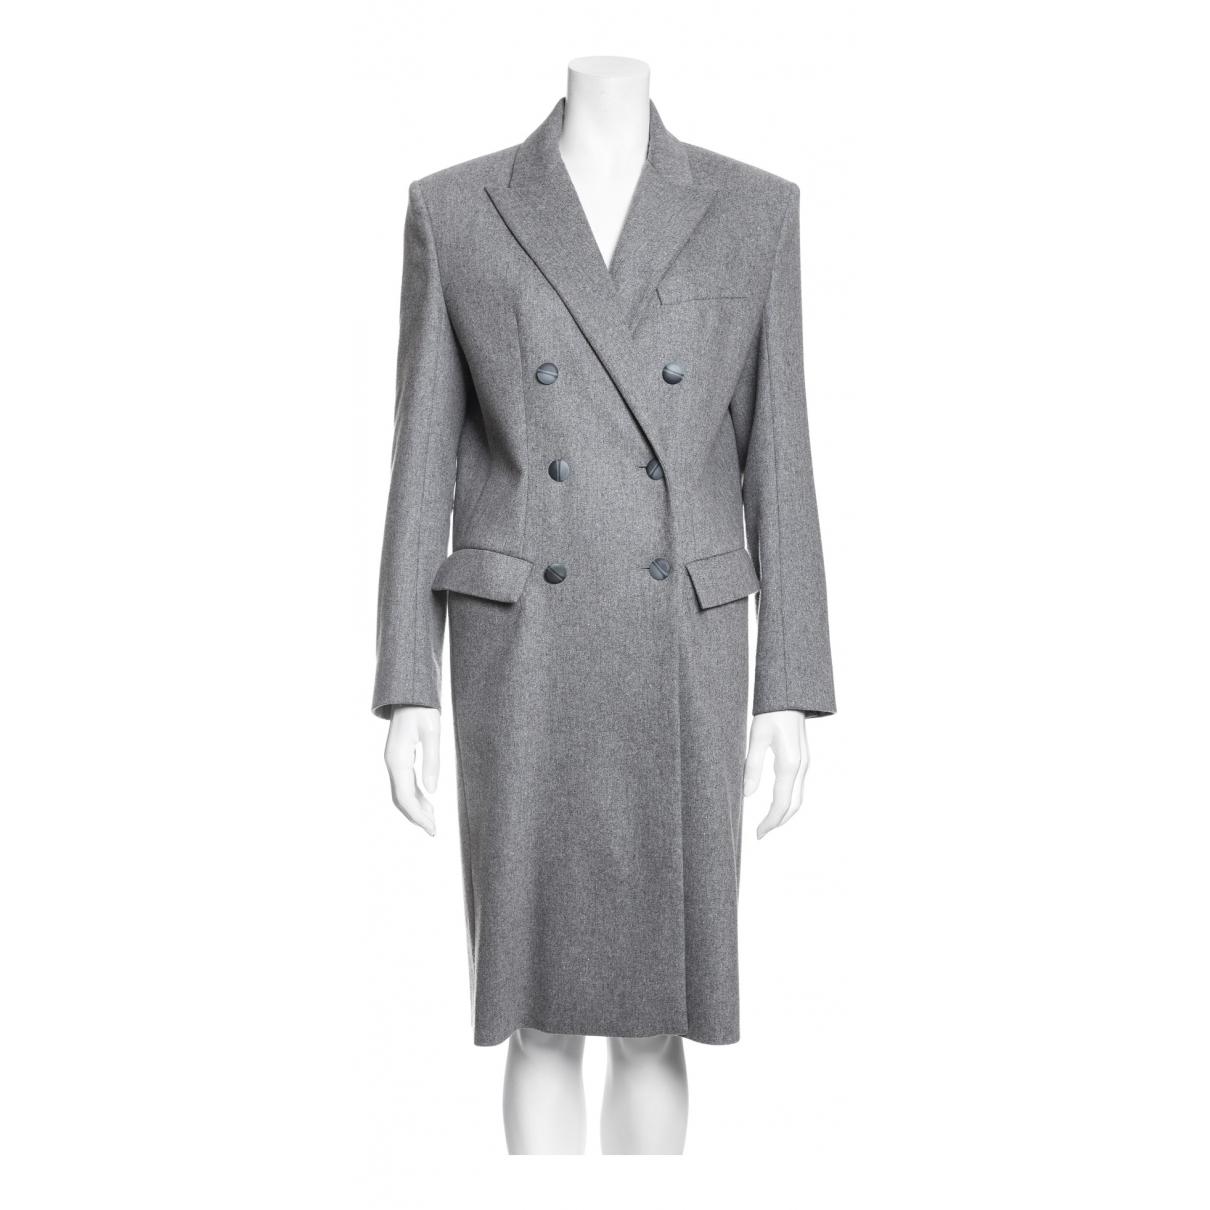 Alexandre Vauthier - Manteau   pour femme en laine - gris